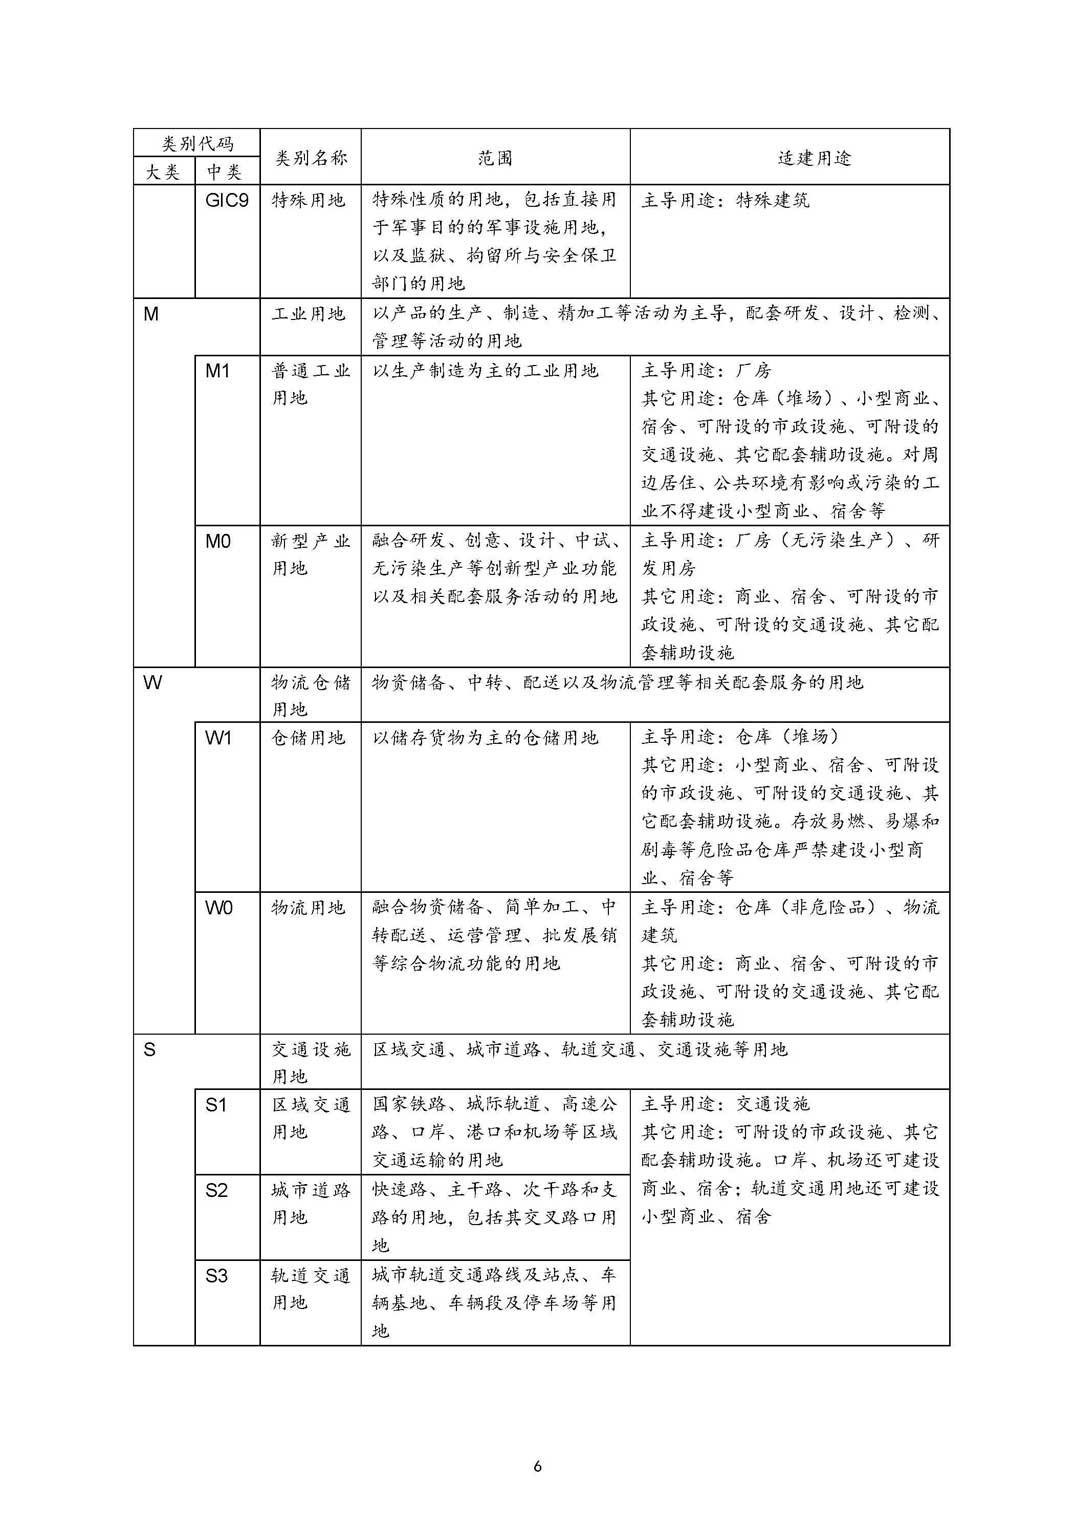 深圳15年义务教育_深圳市城市规划标准与准则 2018年局部修订稿 建标库